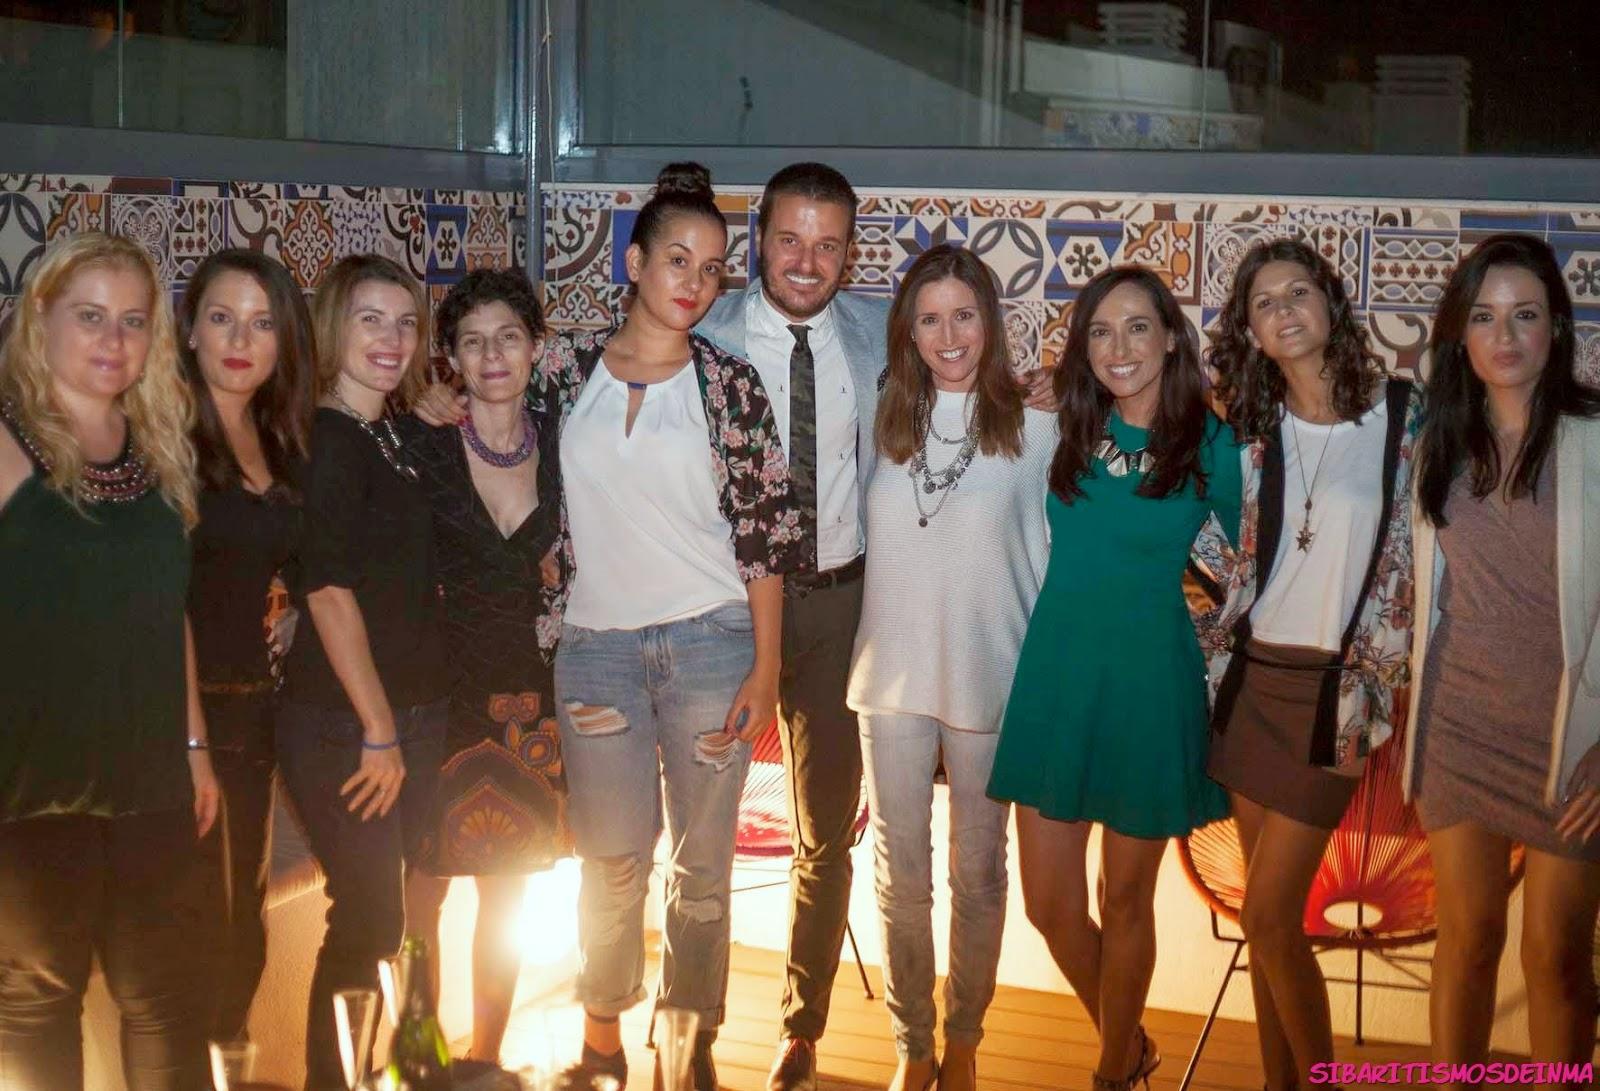 Baño Arabe En Almeria:PADEL, tienda nueva en Almería especializada en padel y pronto en